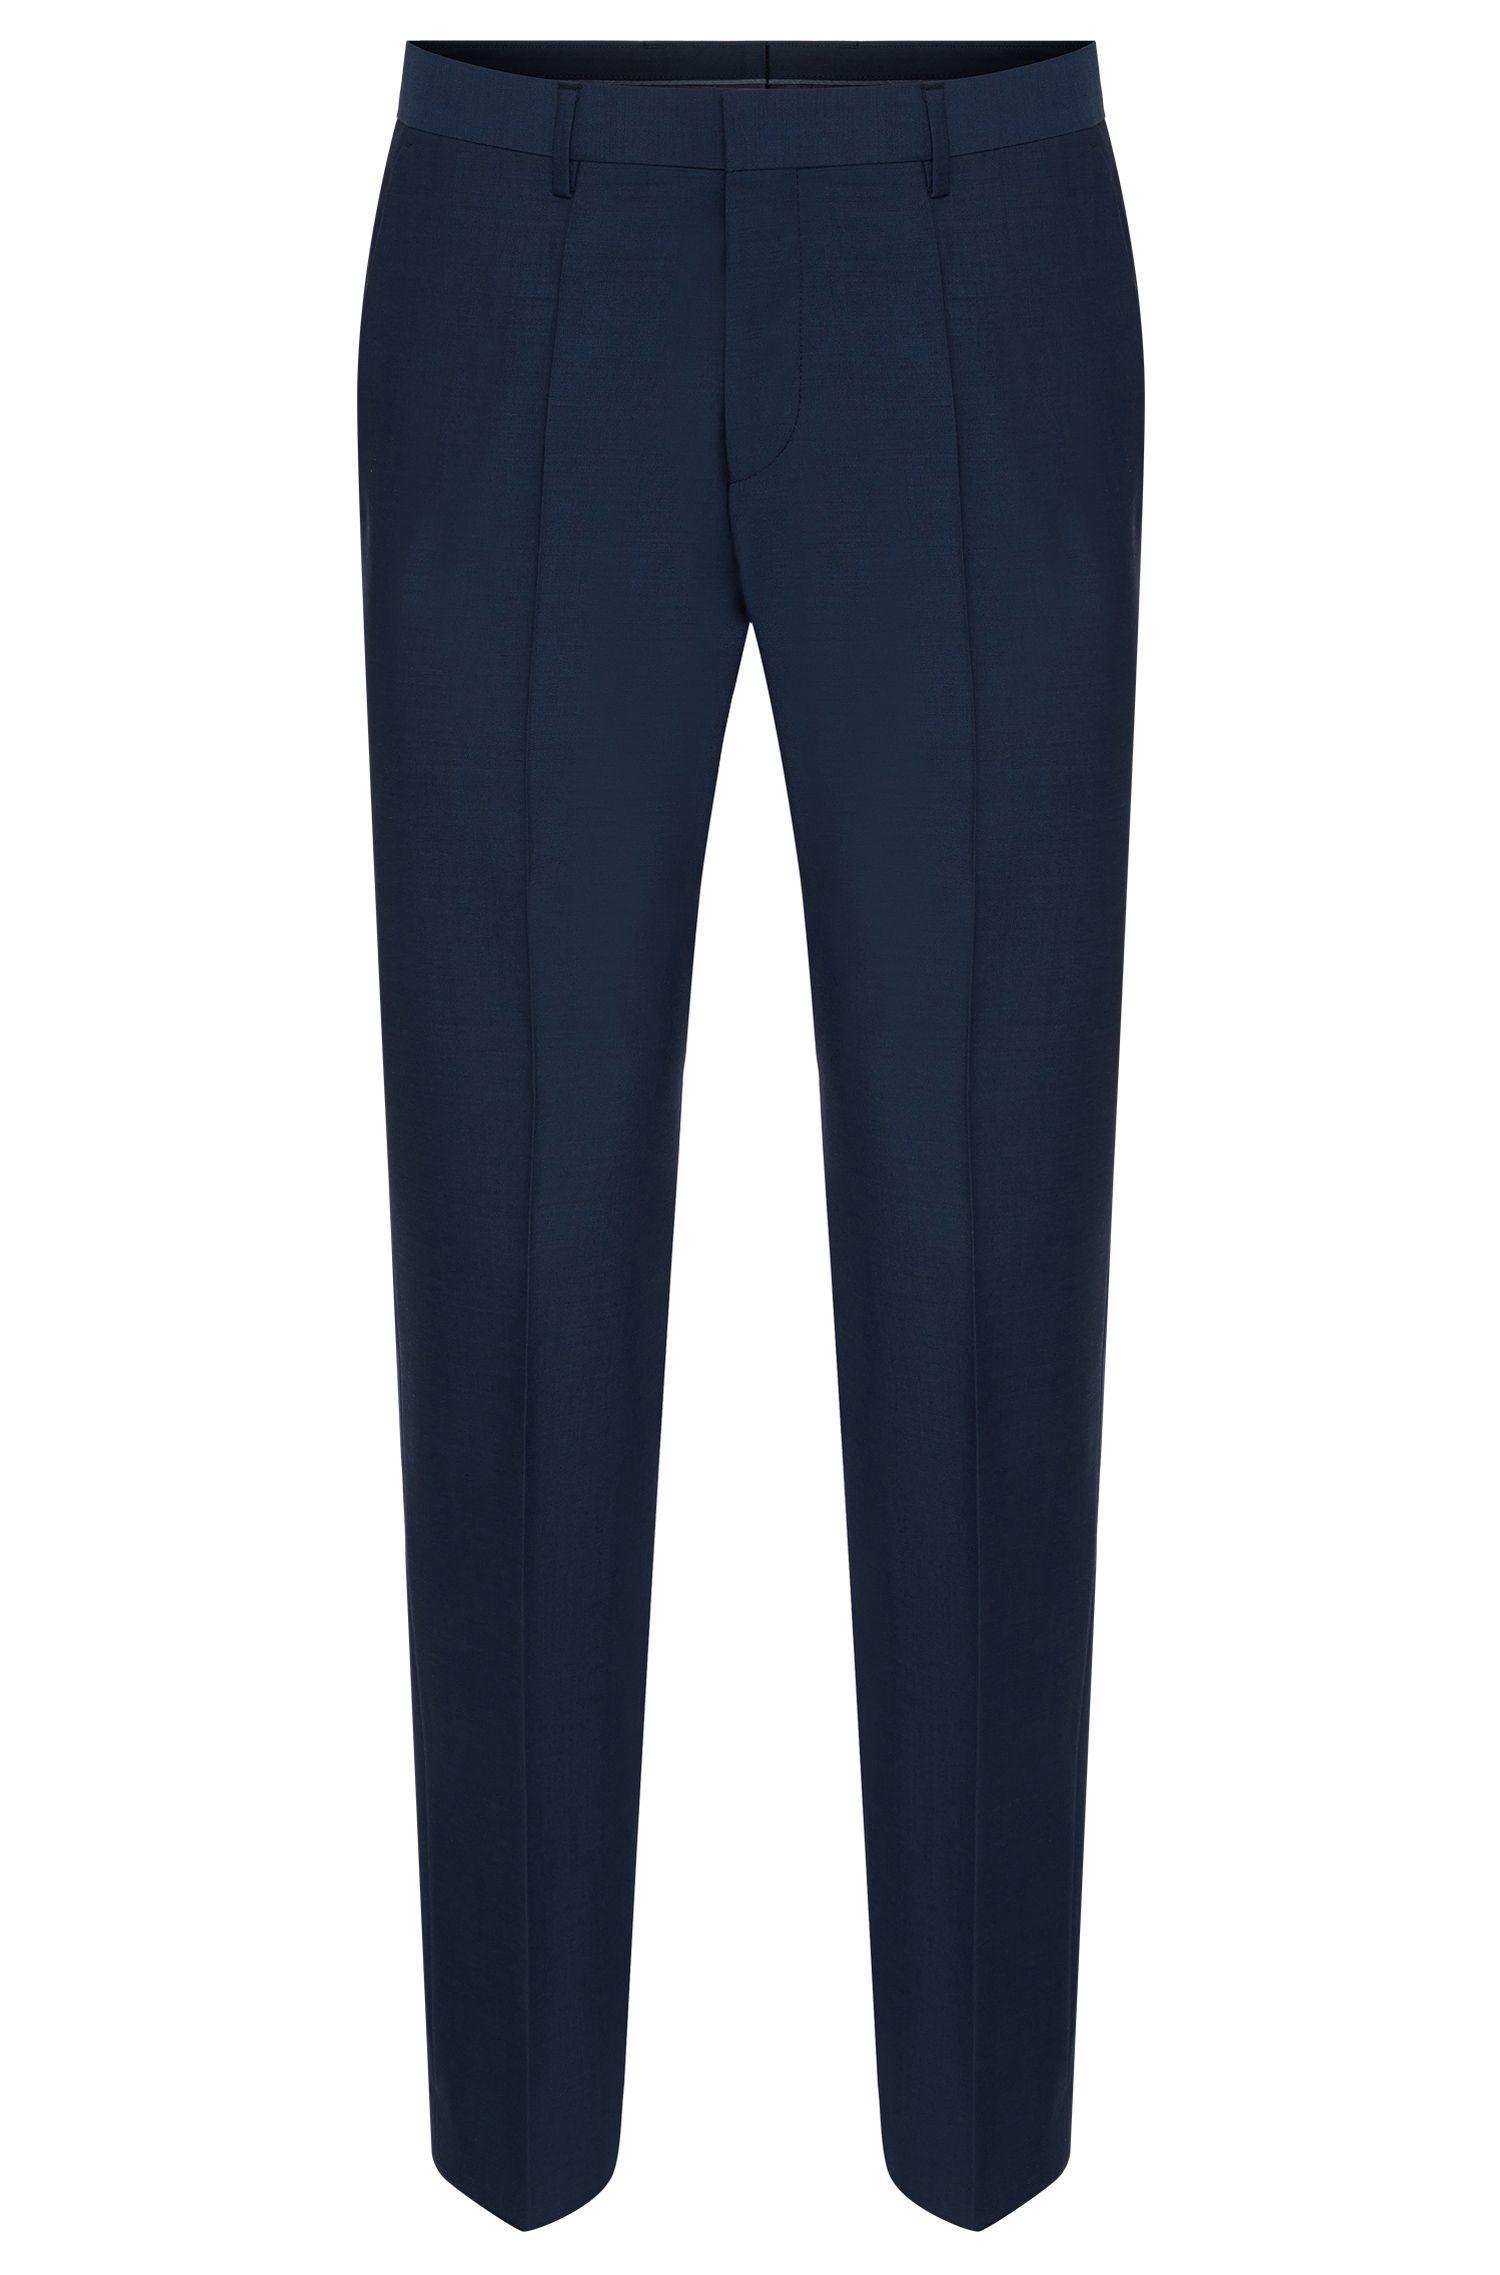 'Genesis'   Slim Fit, Virgin Wool Dress Pants